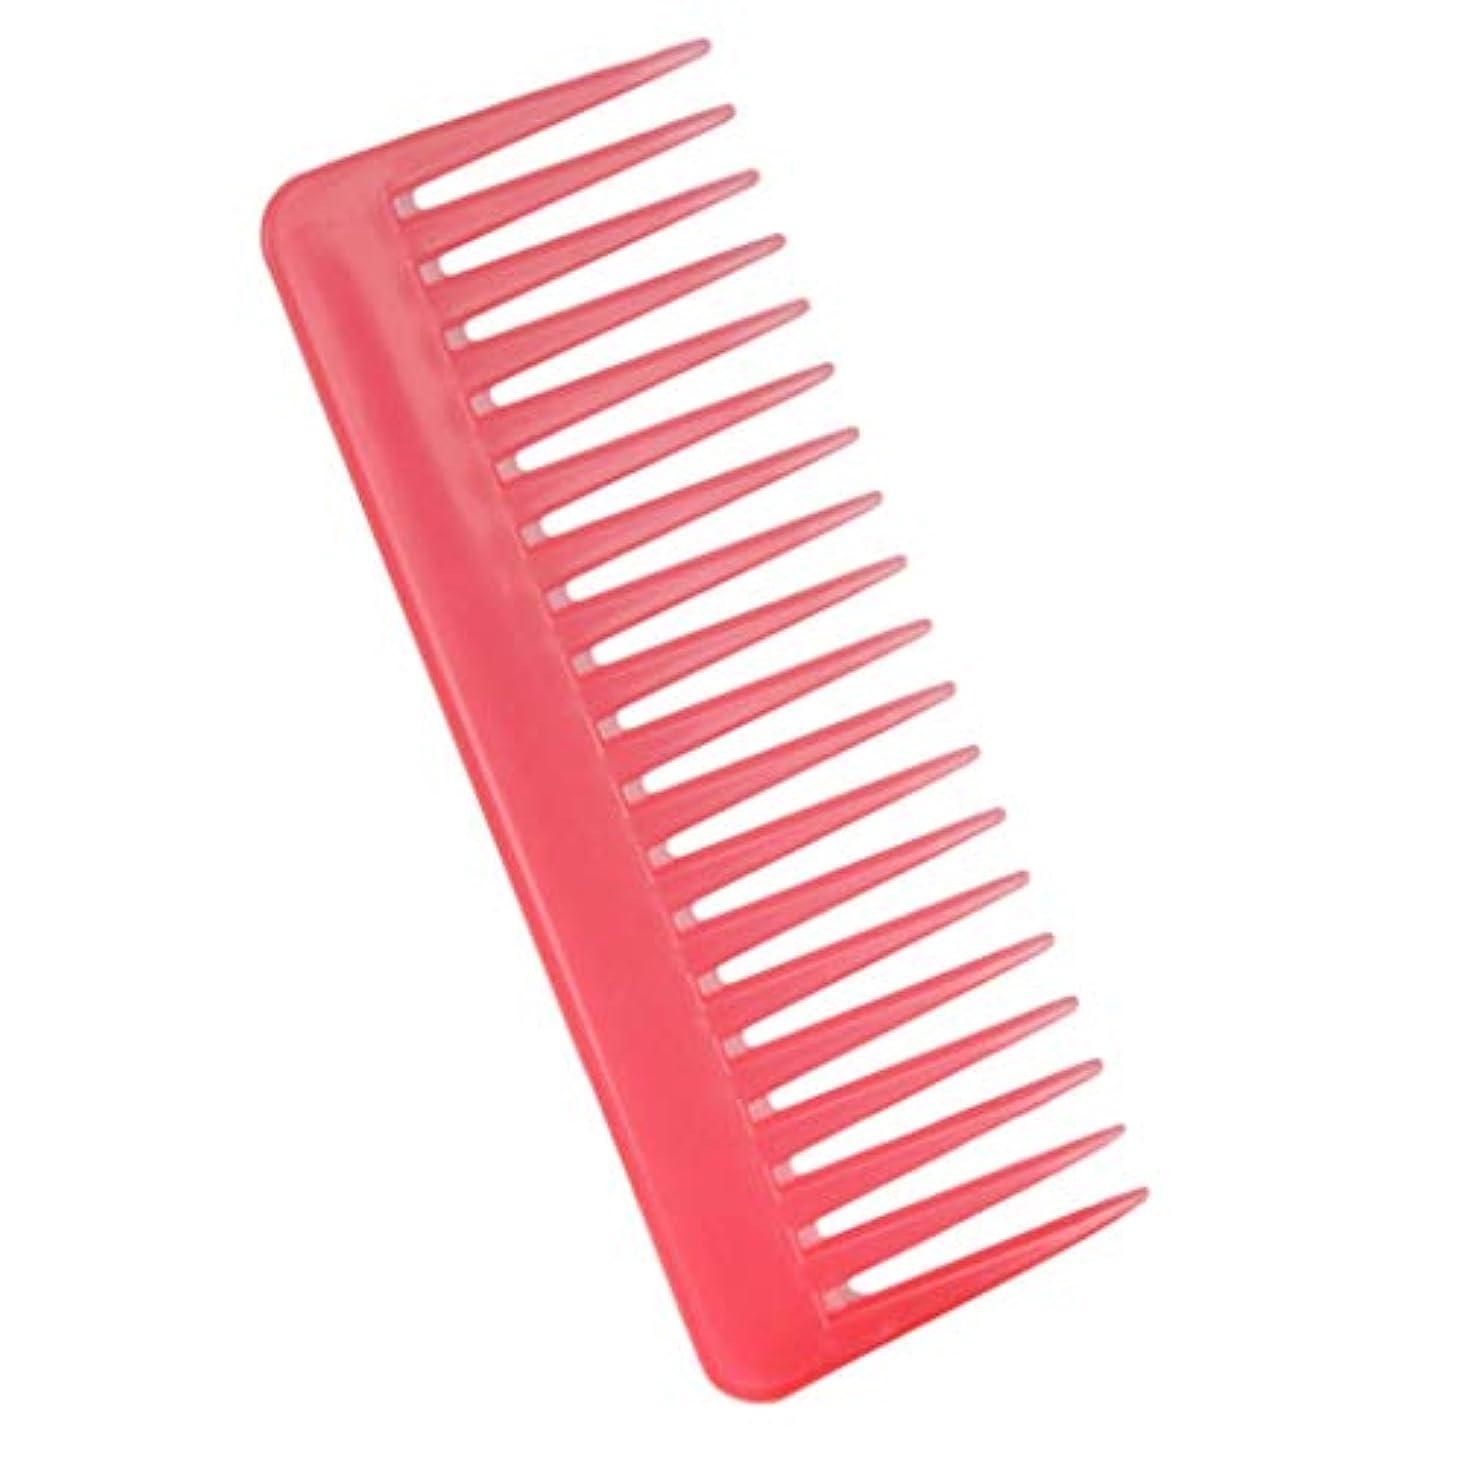 規制する隔離燃やす帯電防止櫛 ヘアケア ヘアブラシ サロン用 自宅用 ヘアコーム 3色選べ - ピンク